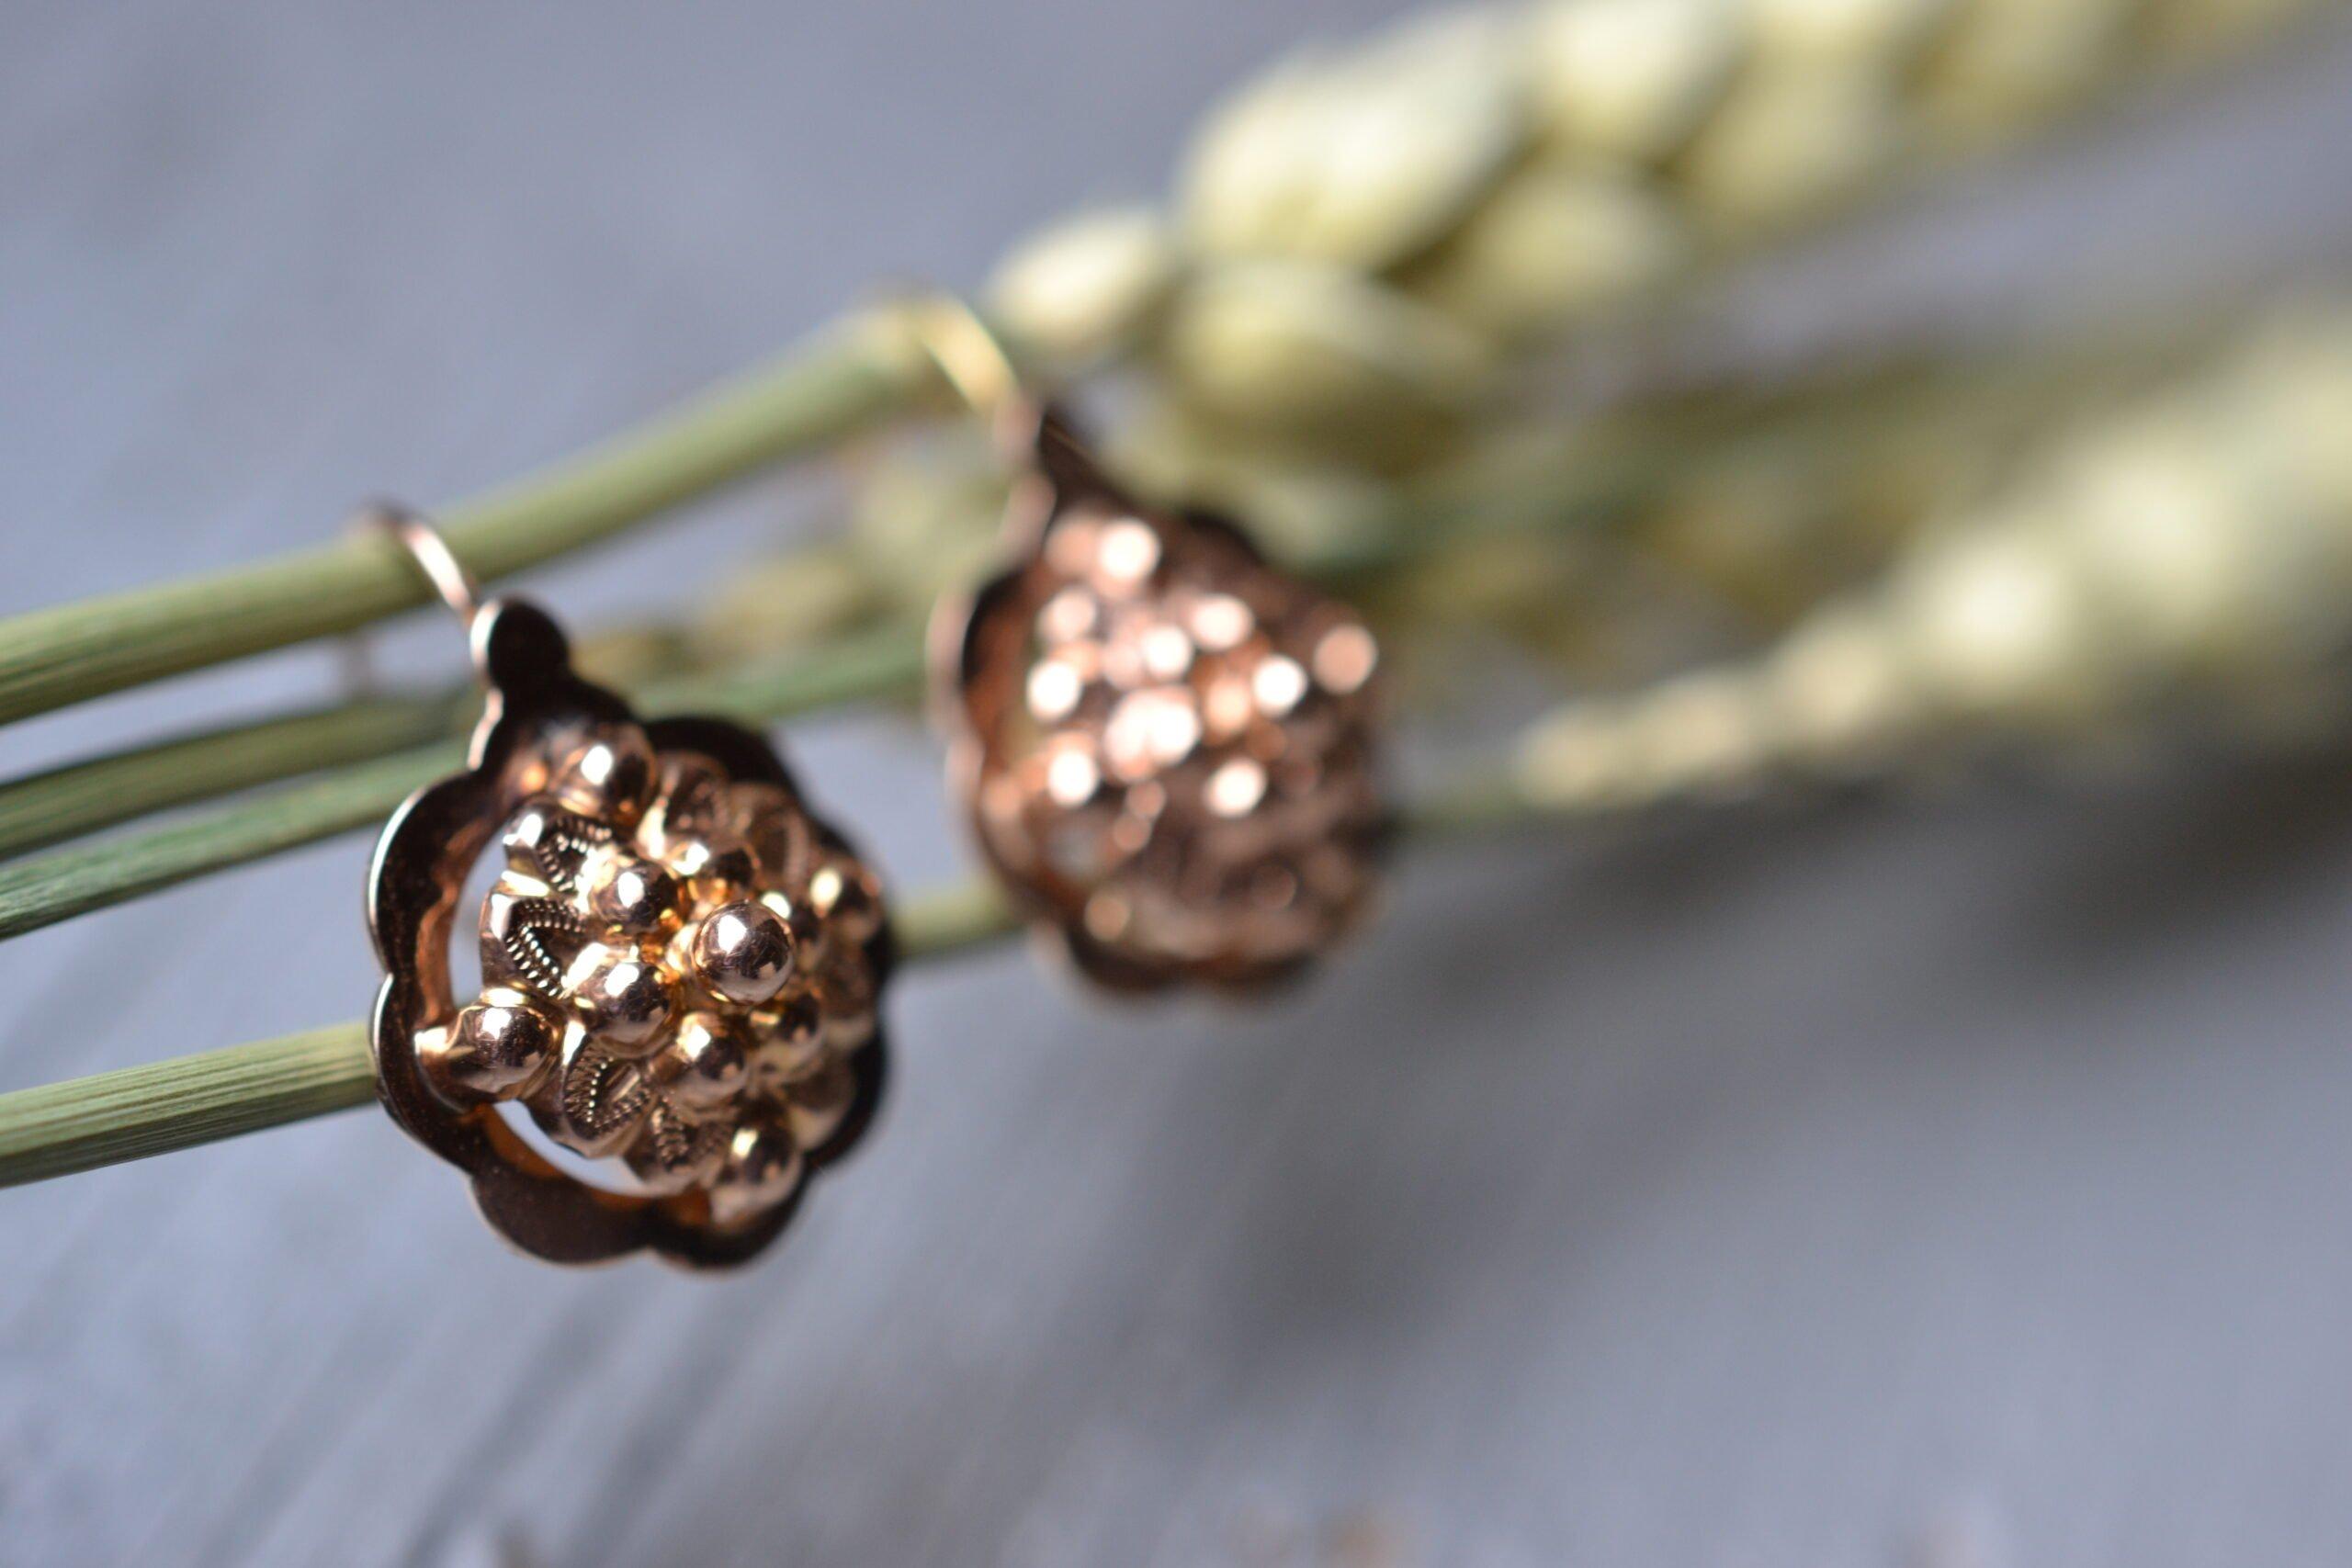 Boucles d'oreilles vintage style dormeuses en or rose 18 carats (750/1000), à décor de fleurs